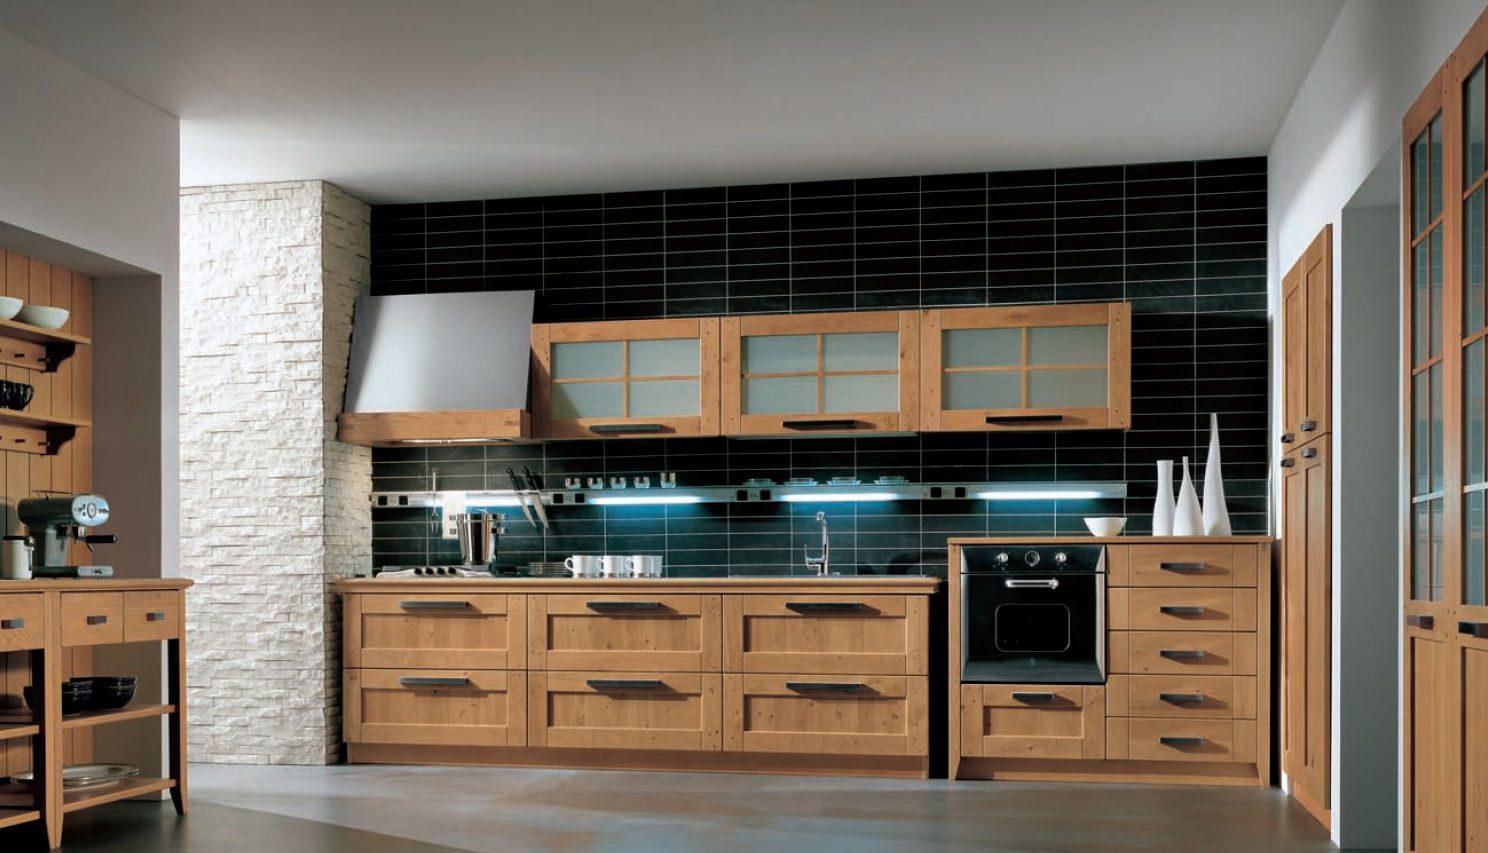 De reposteros para cocinas modernas con desayunador for Fotos de cocinas modernas